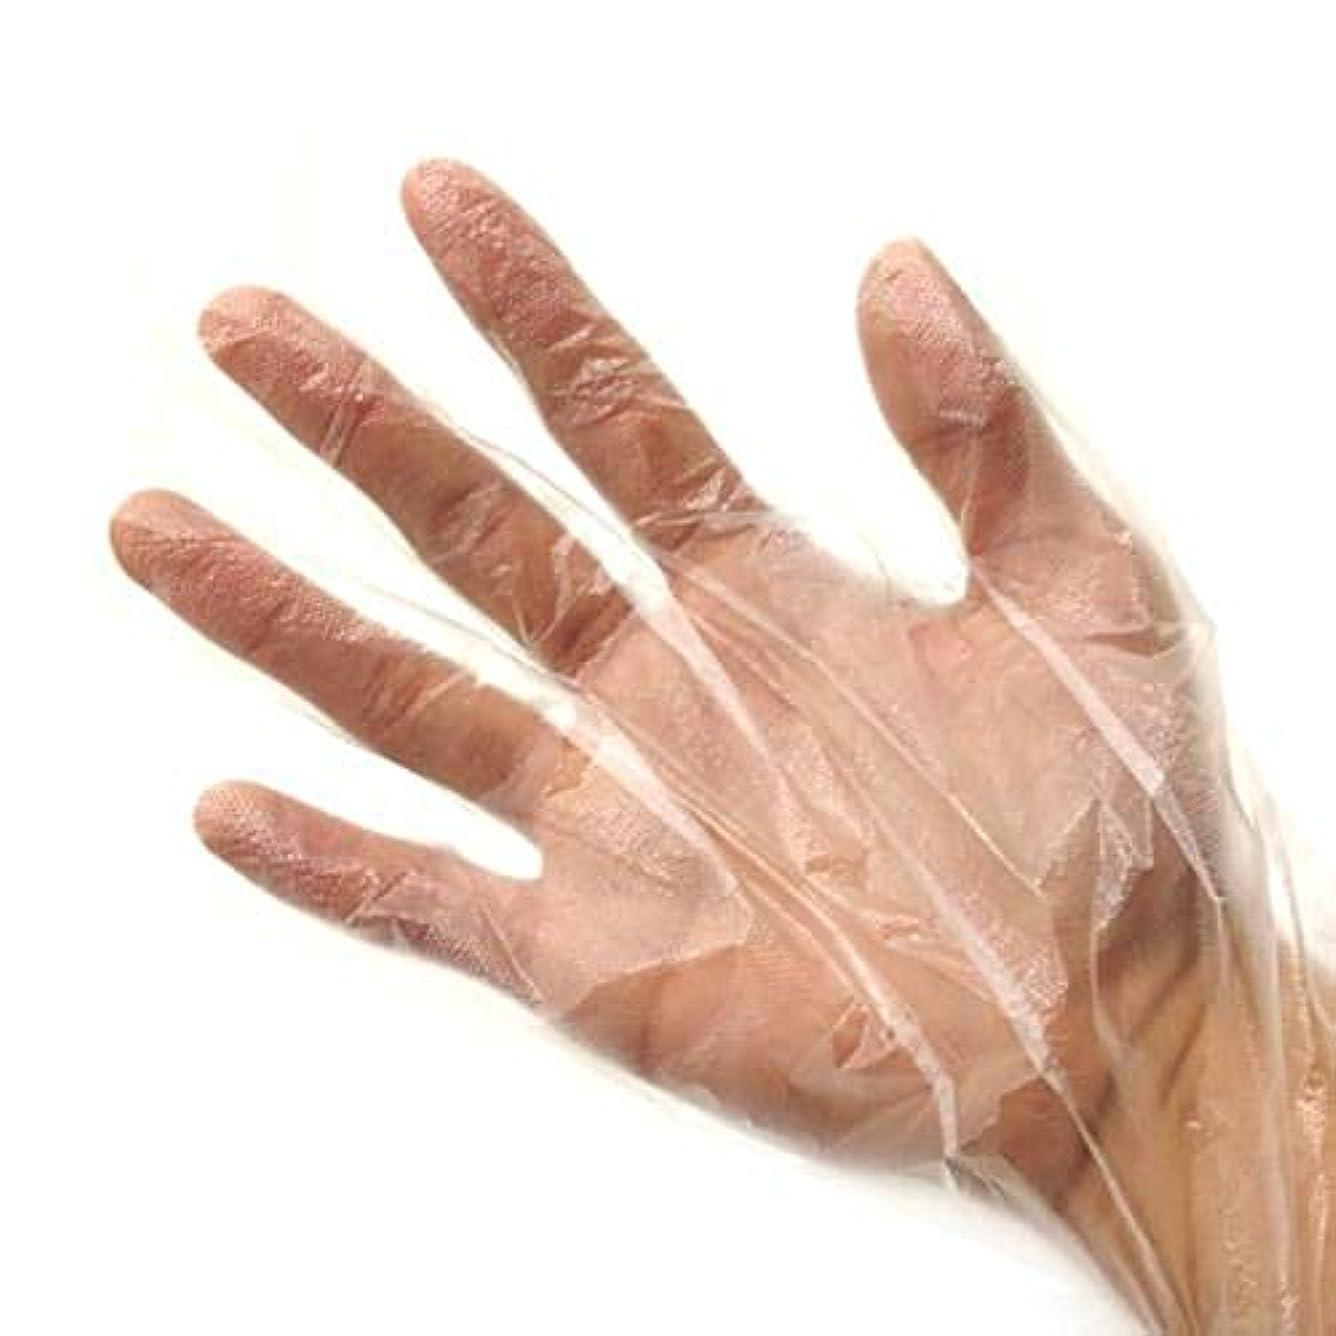 故意のサワー注目すべき使い捨て手袋 極薄ビニール手袋 調理 透明 実用 衛生 100枚入